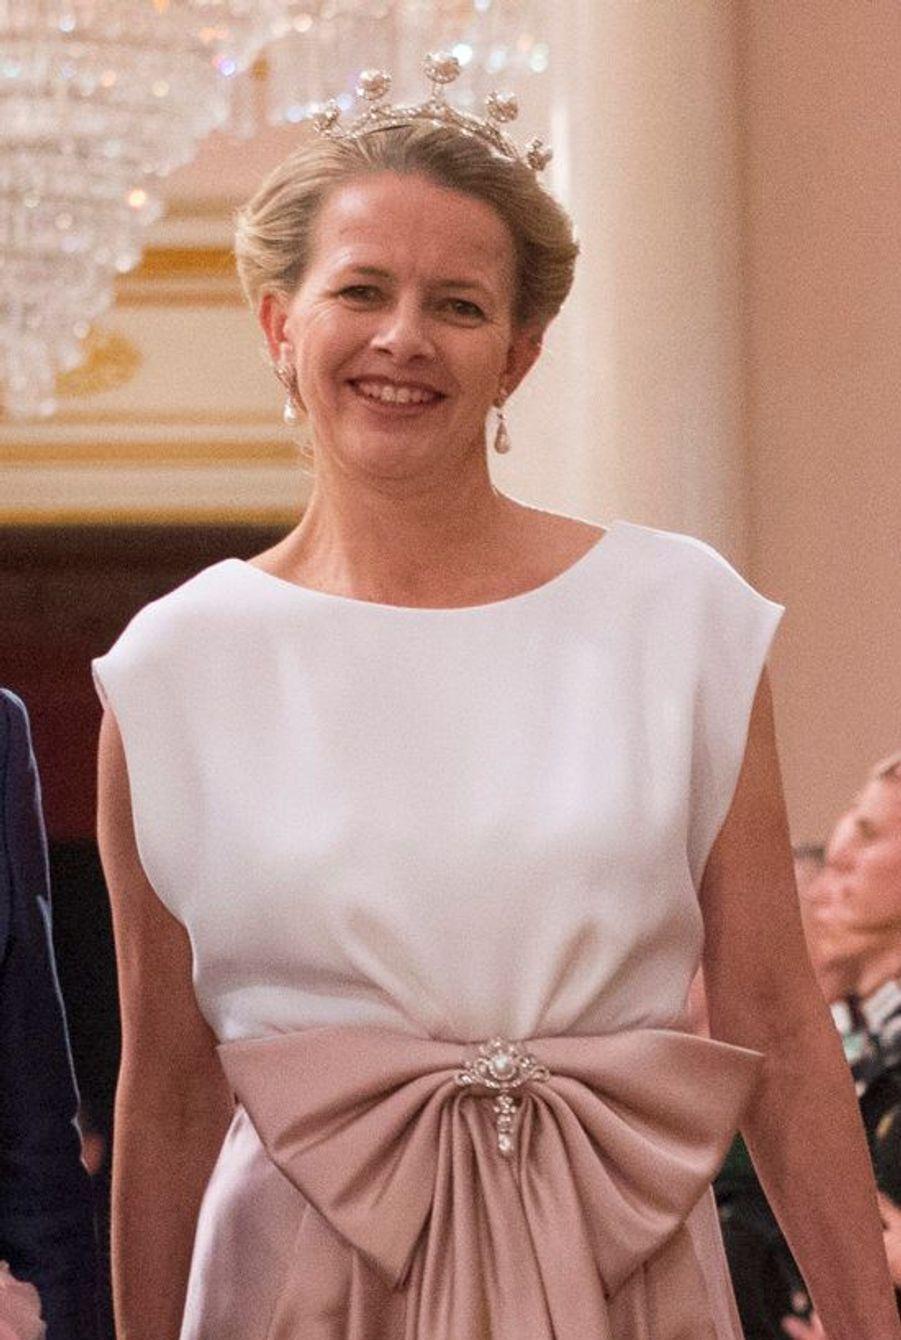 La princesse Mabel, veuve du prince Friso des Pays-Bas, fêtera ses 50 ans le 11 août 2018.